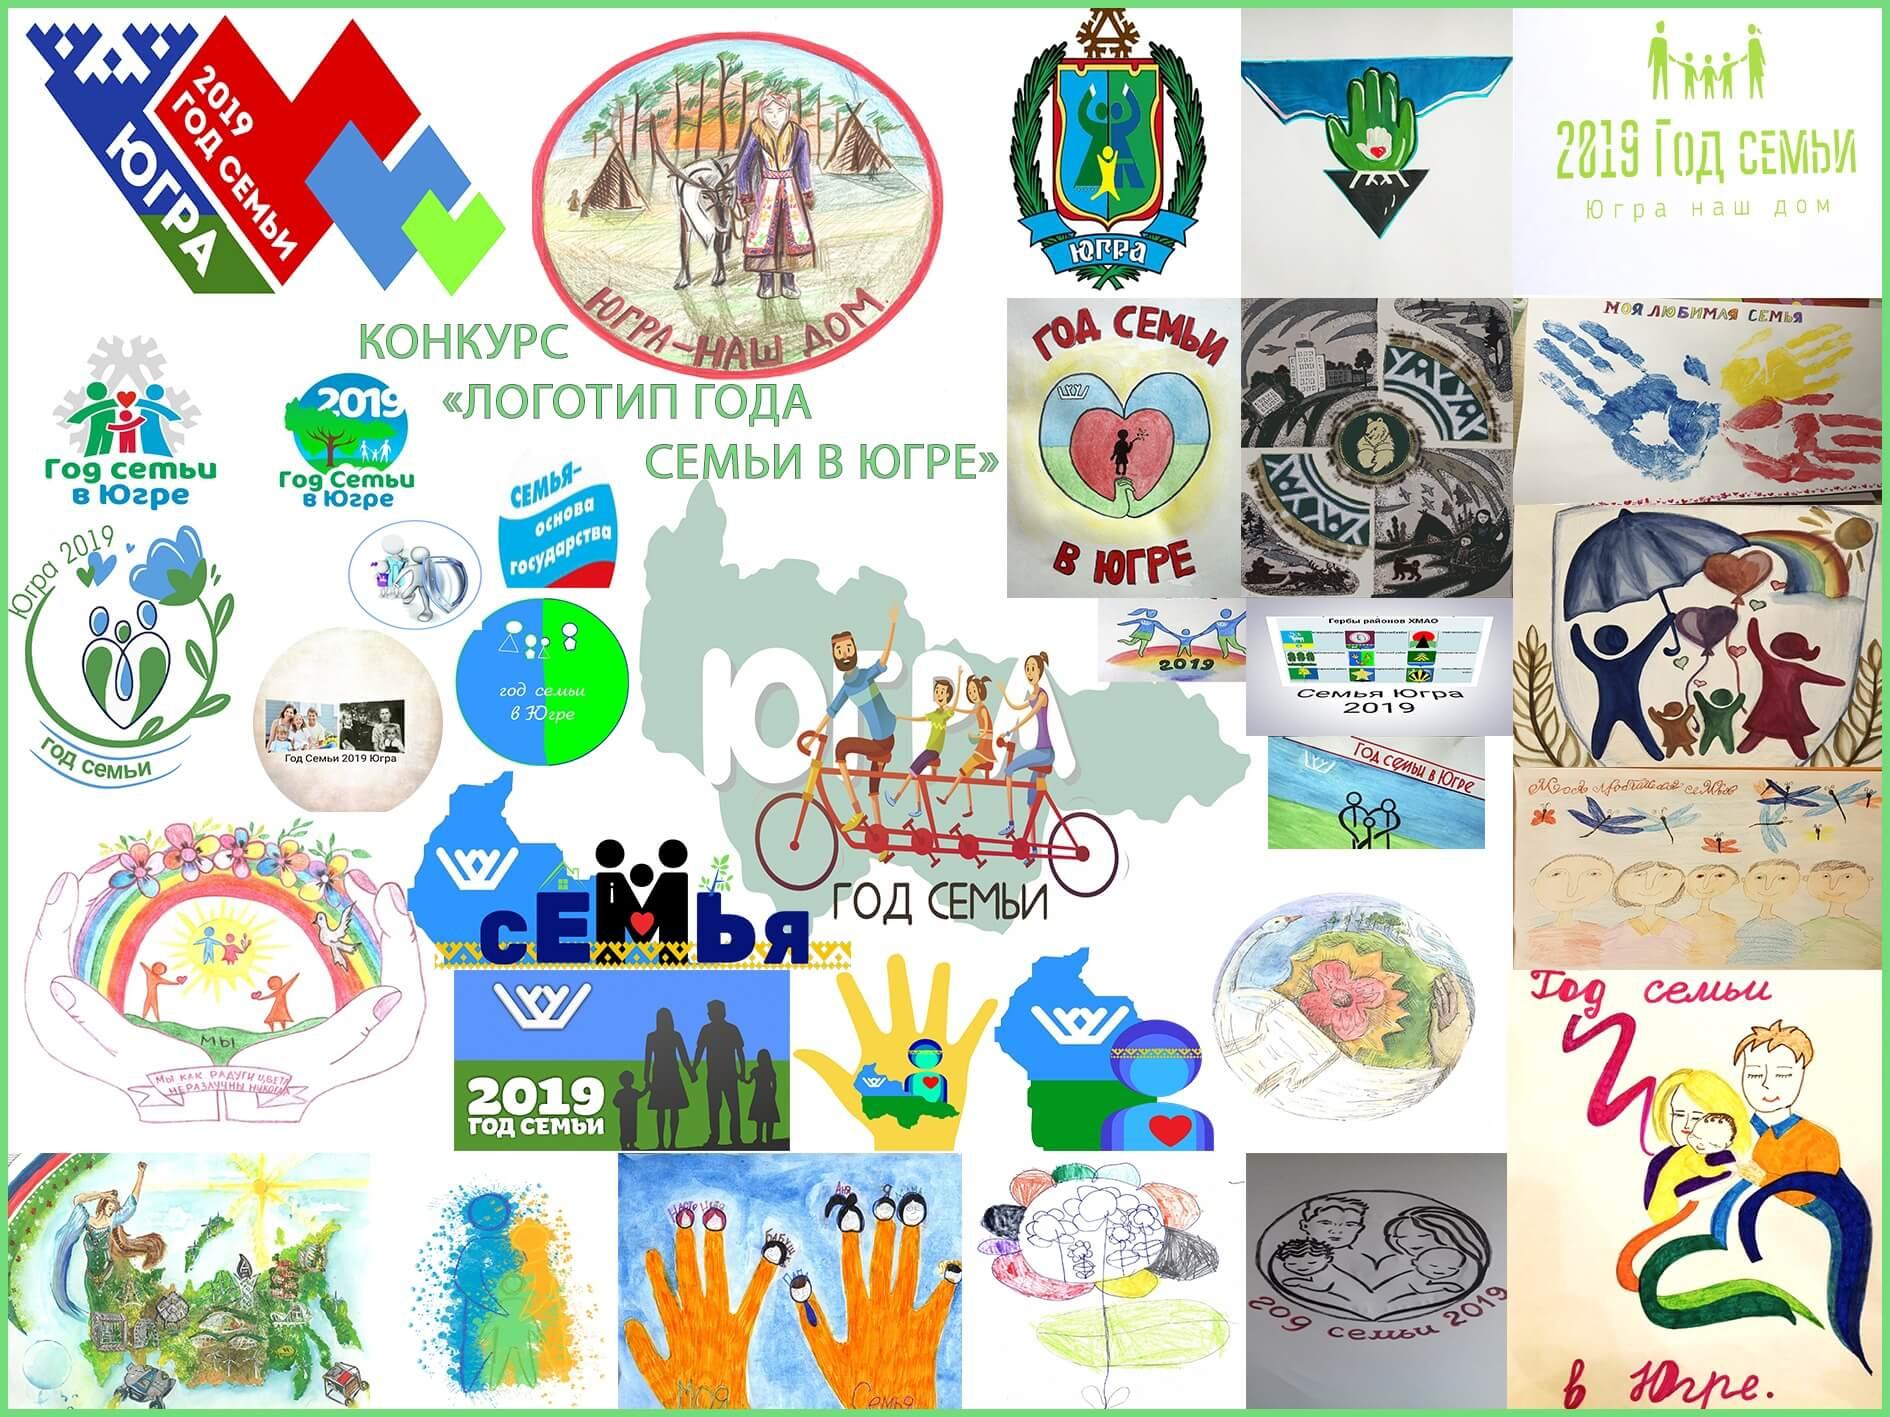 Голосуй за лучший логотип Года семьи в Югре!